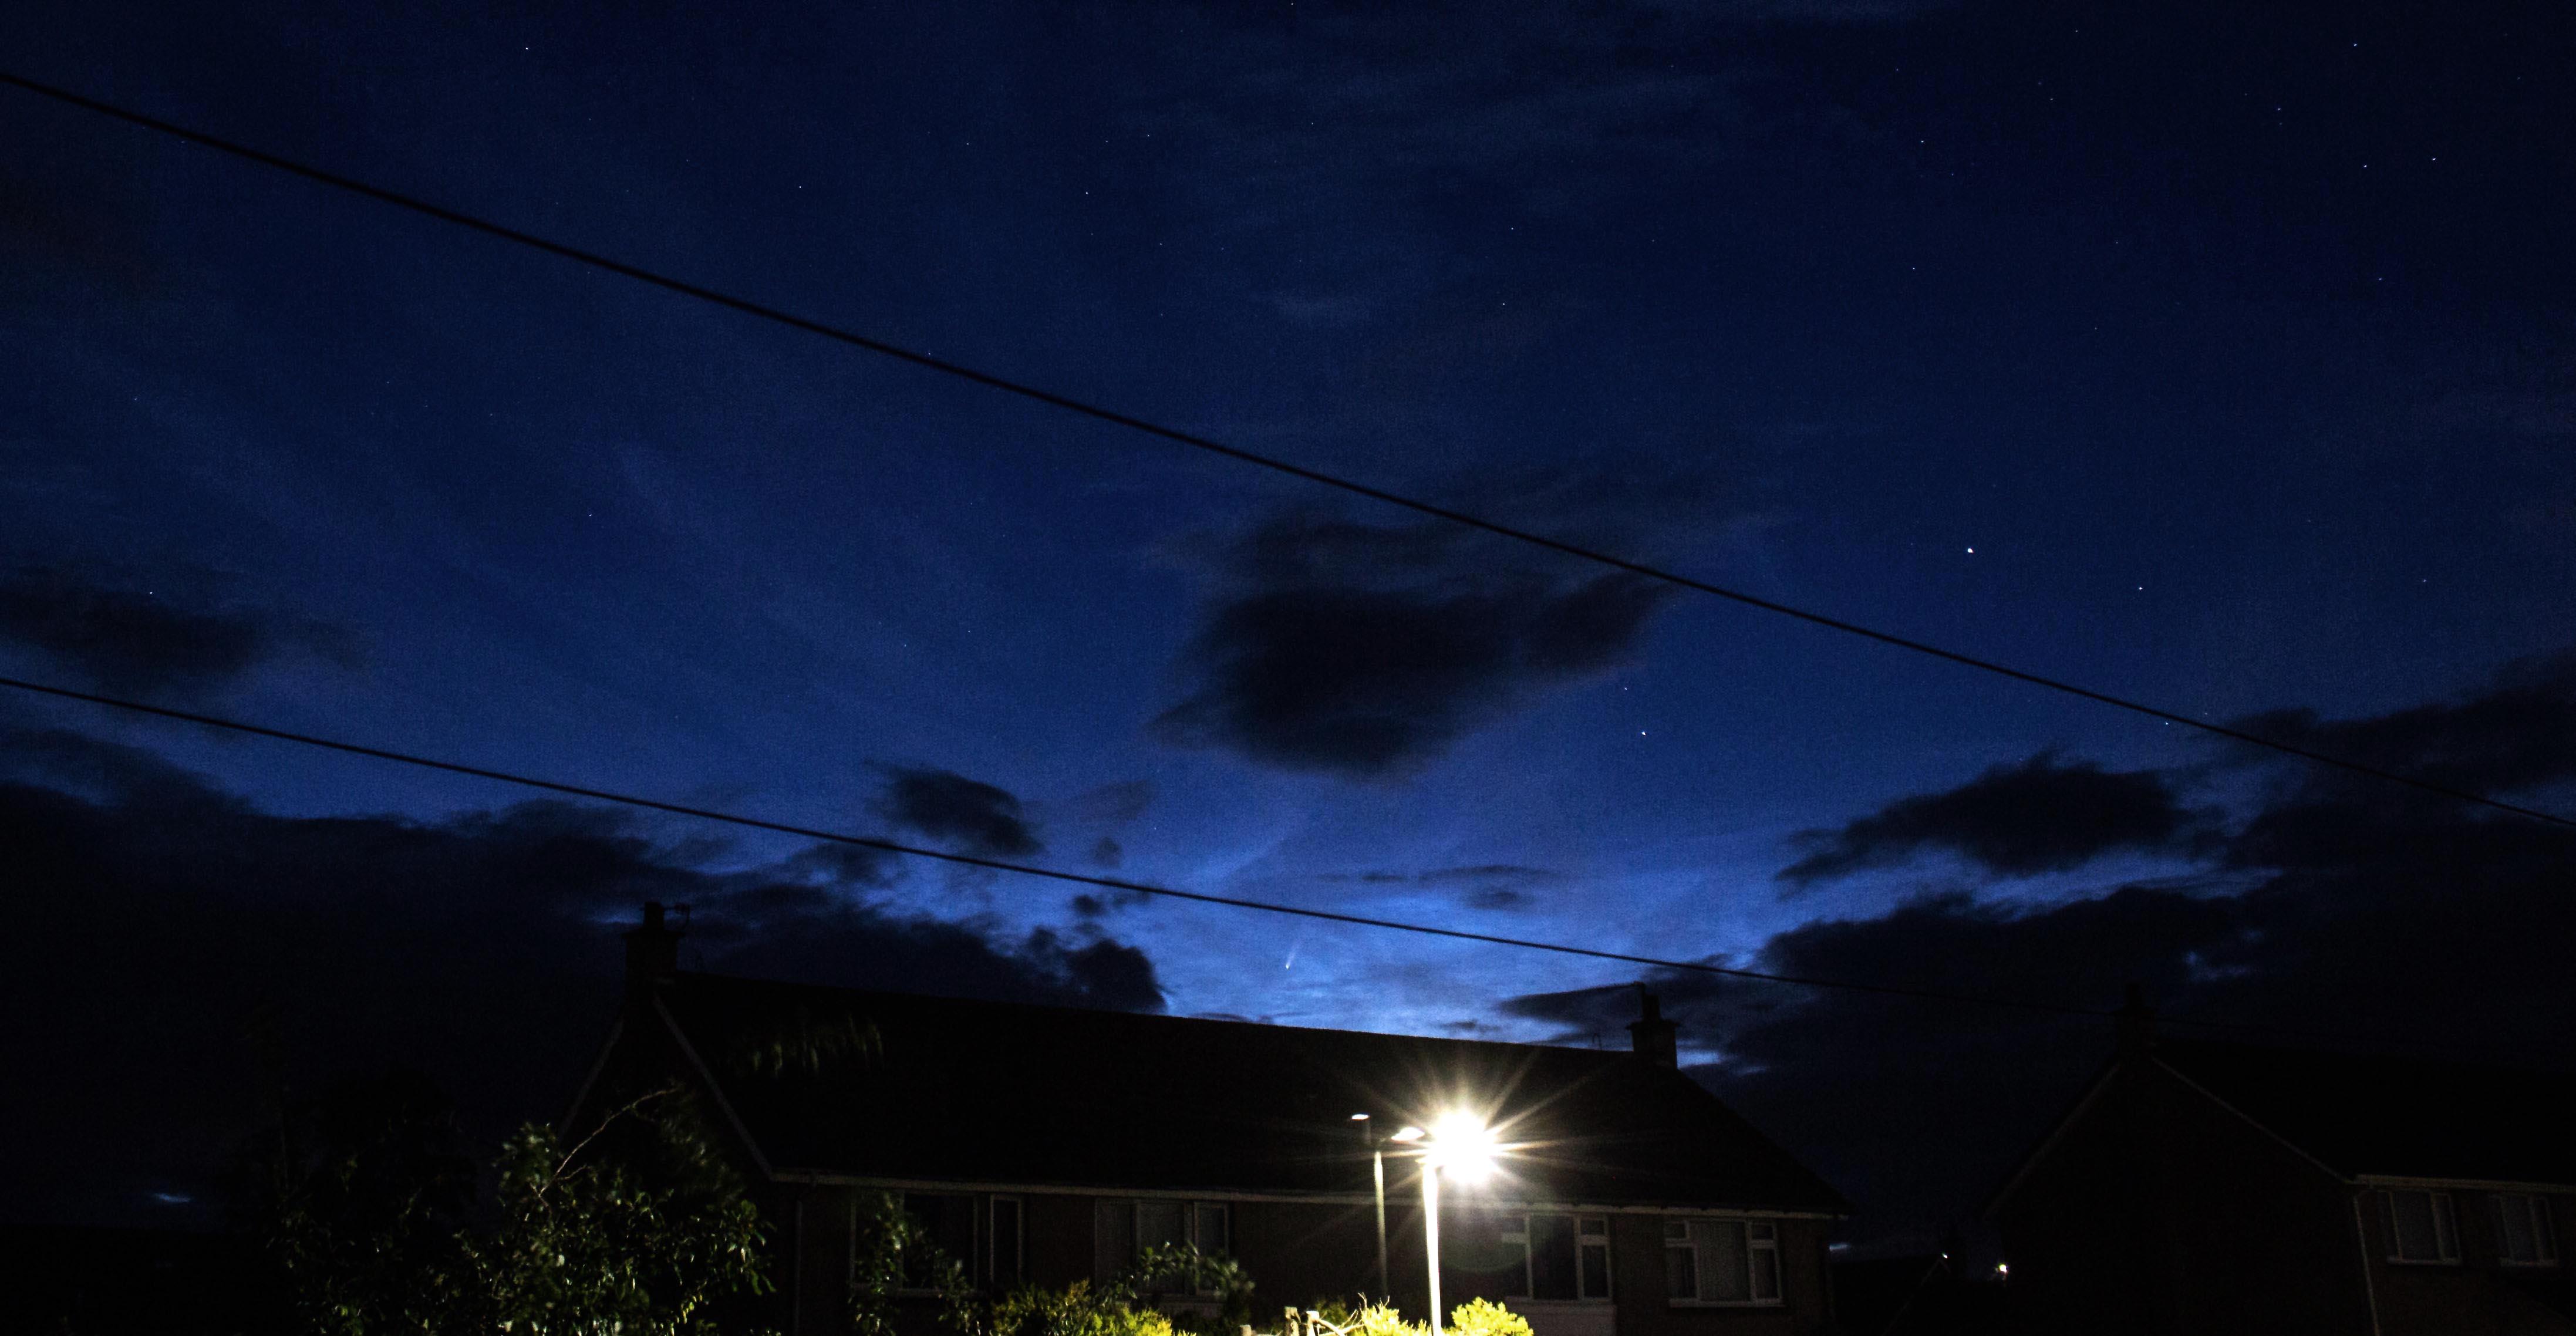 2310-jul-10-11-0032-ut-comet-neowise-r.jpg